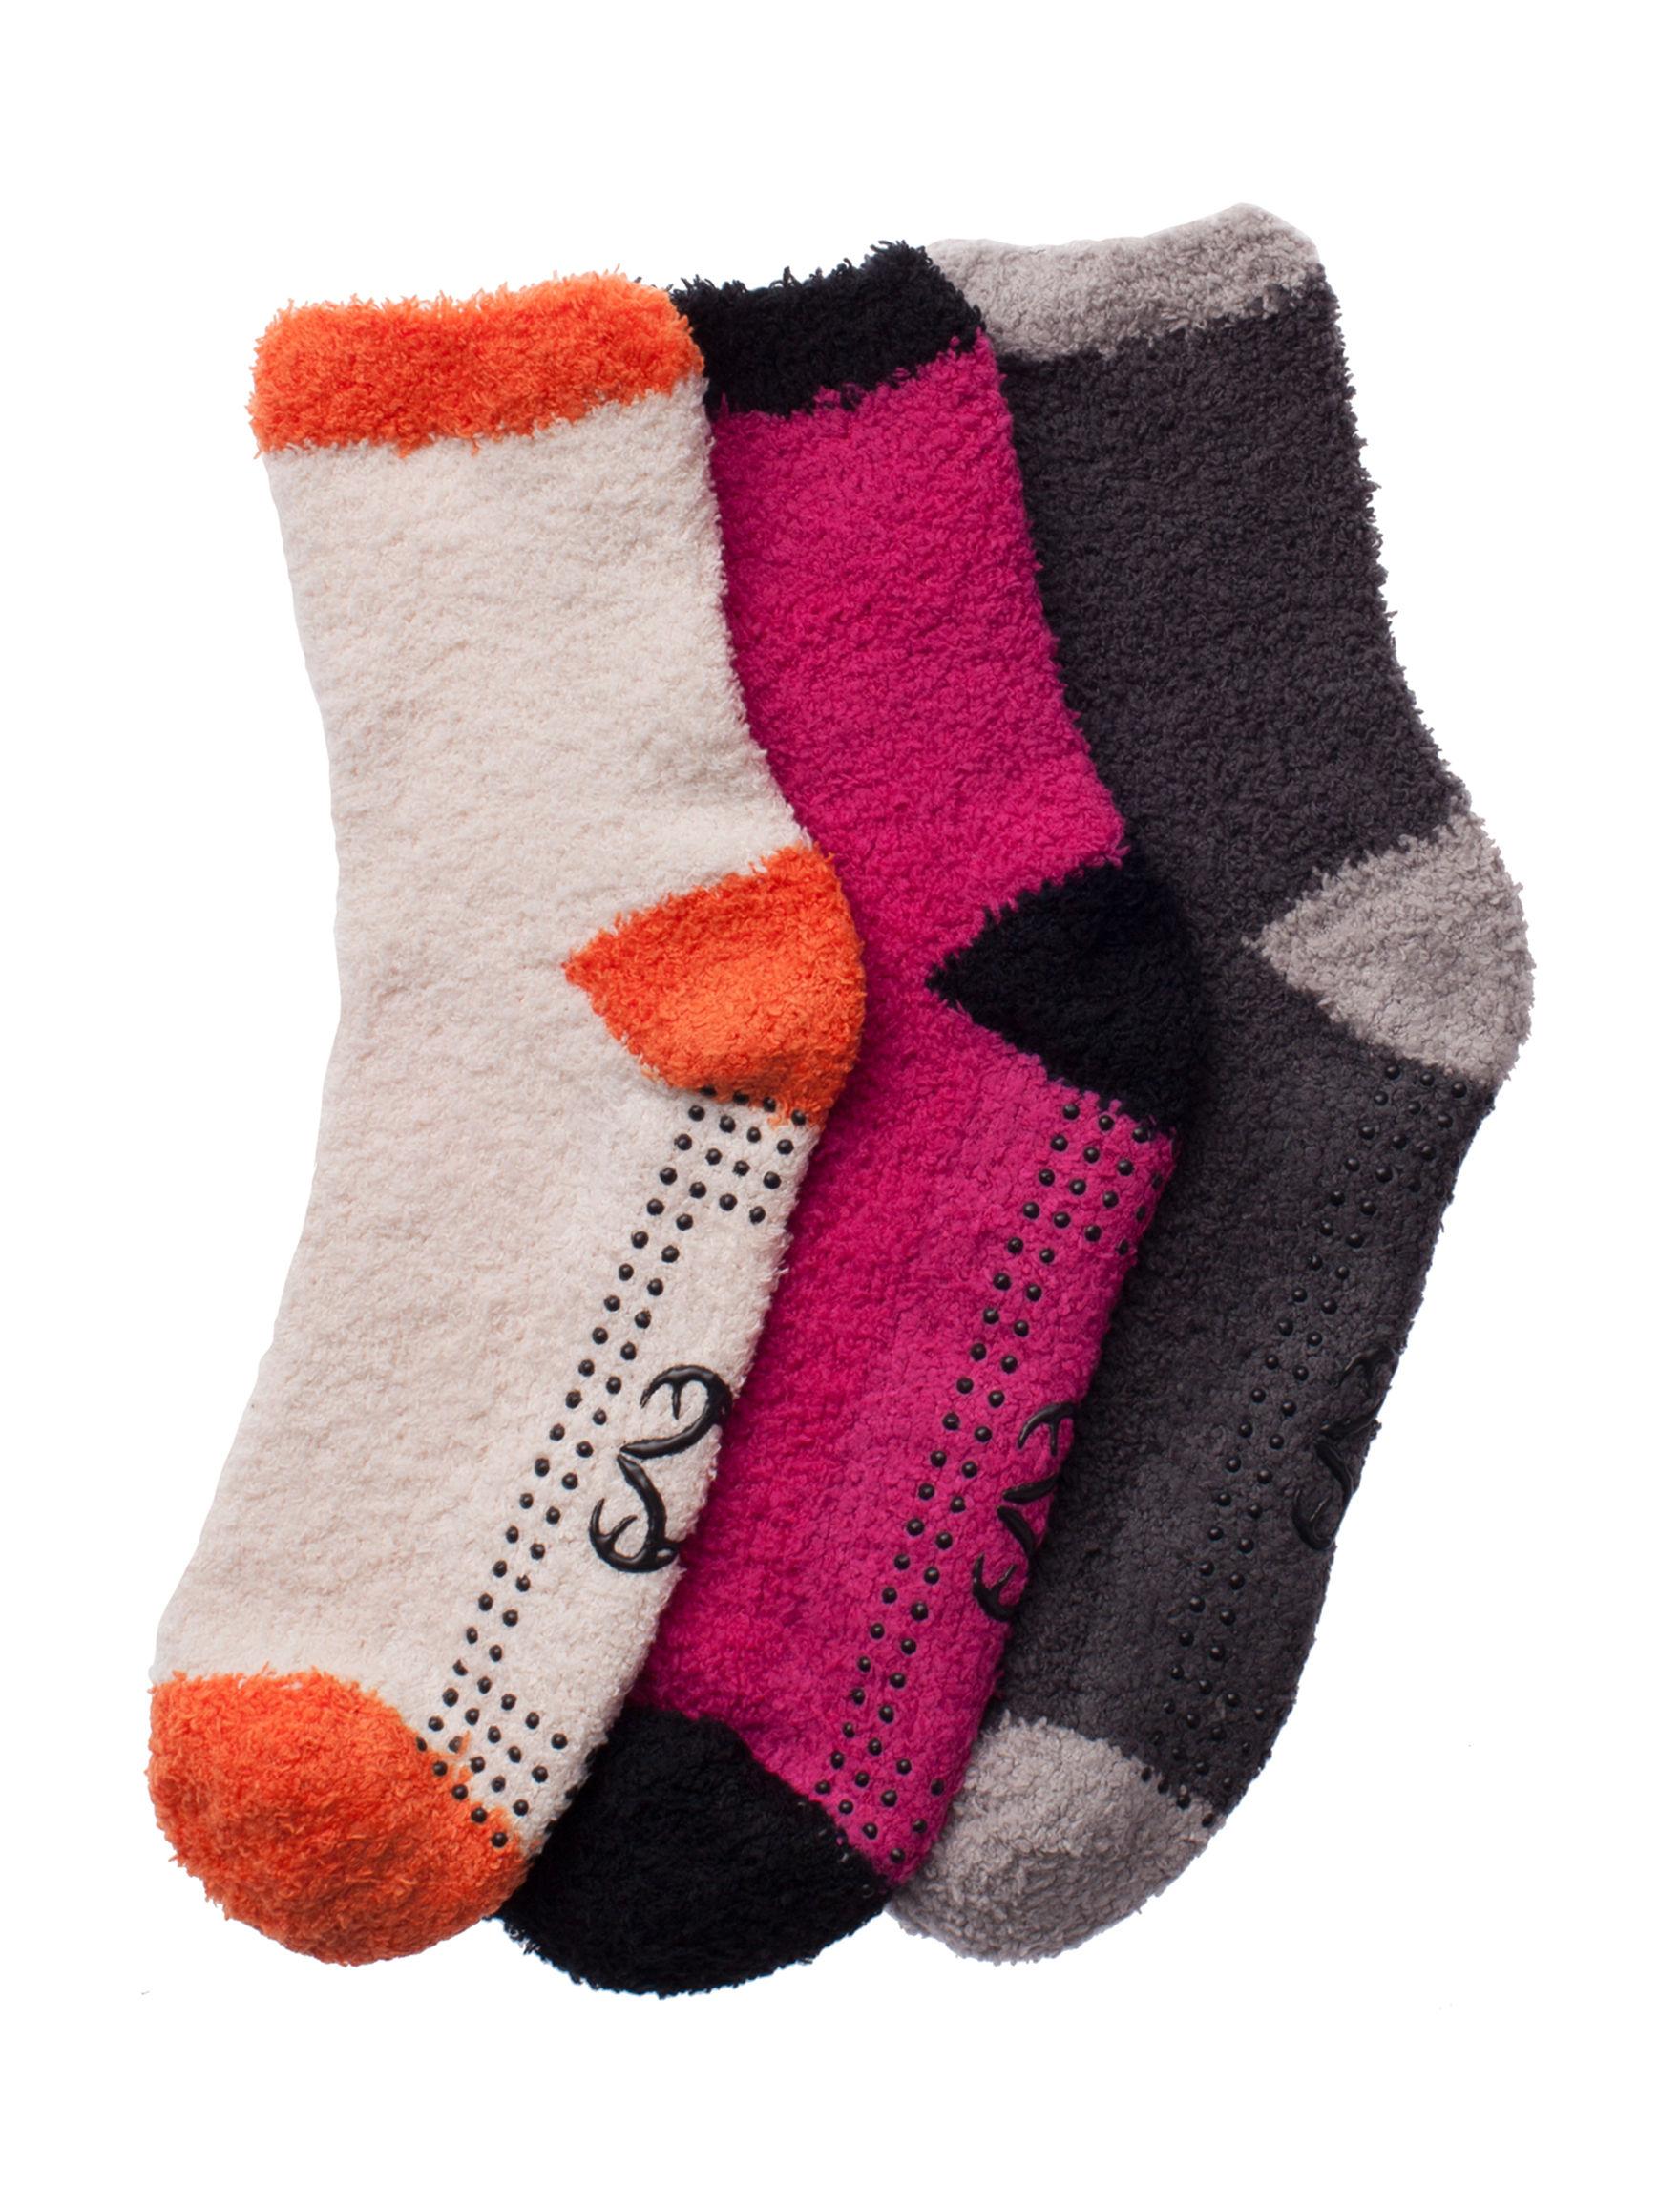 Realtree Oatmeal Socks